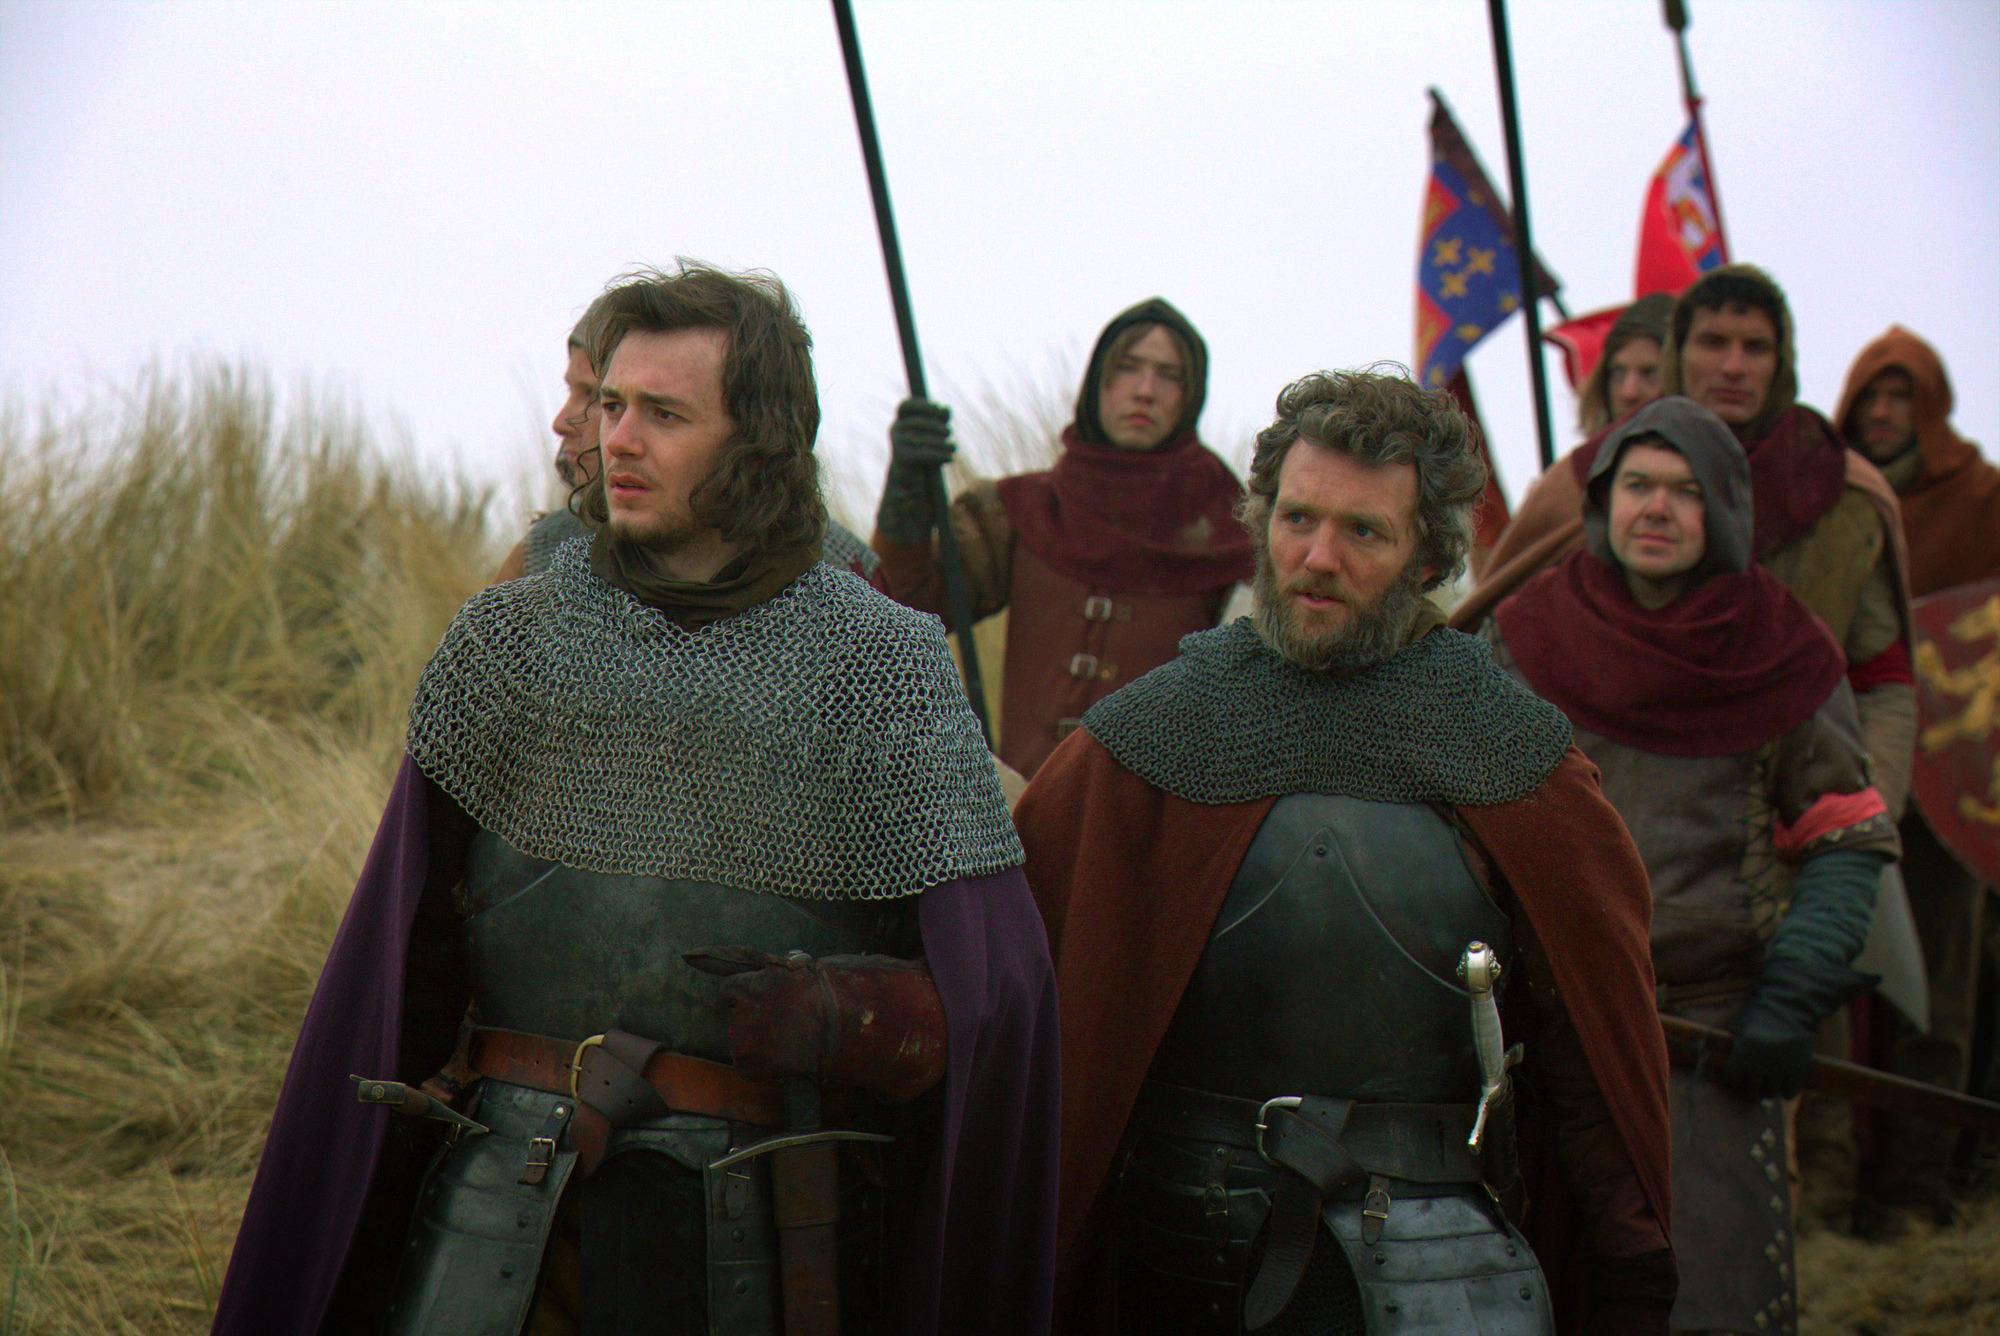 Henry and Jasper Tudor